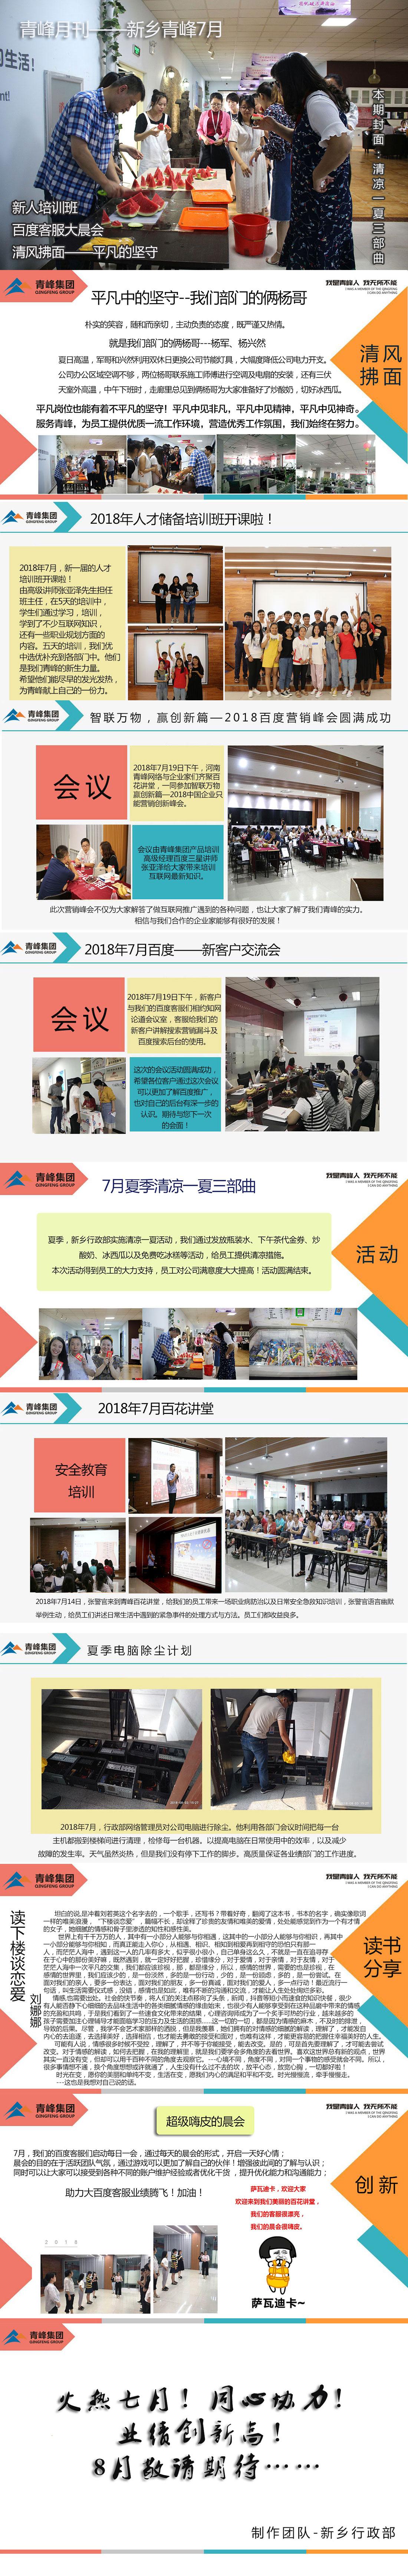 新乡青峰7月份月刊